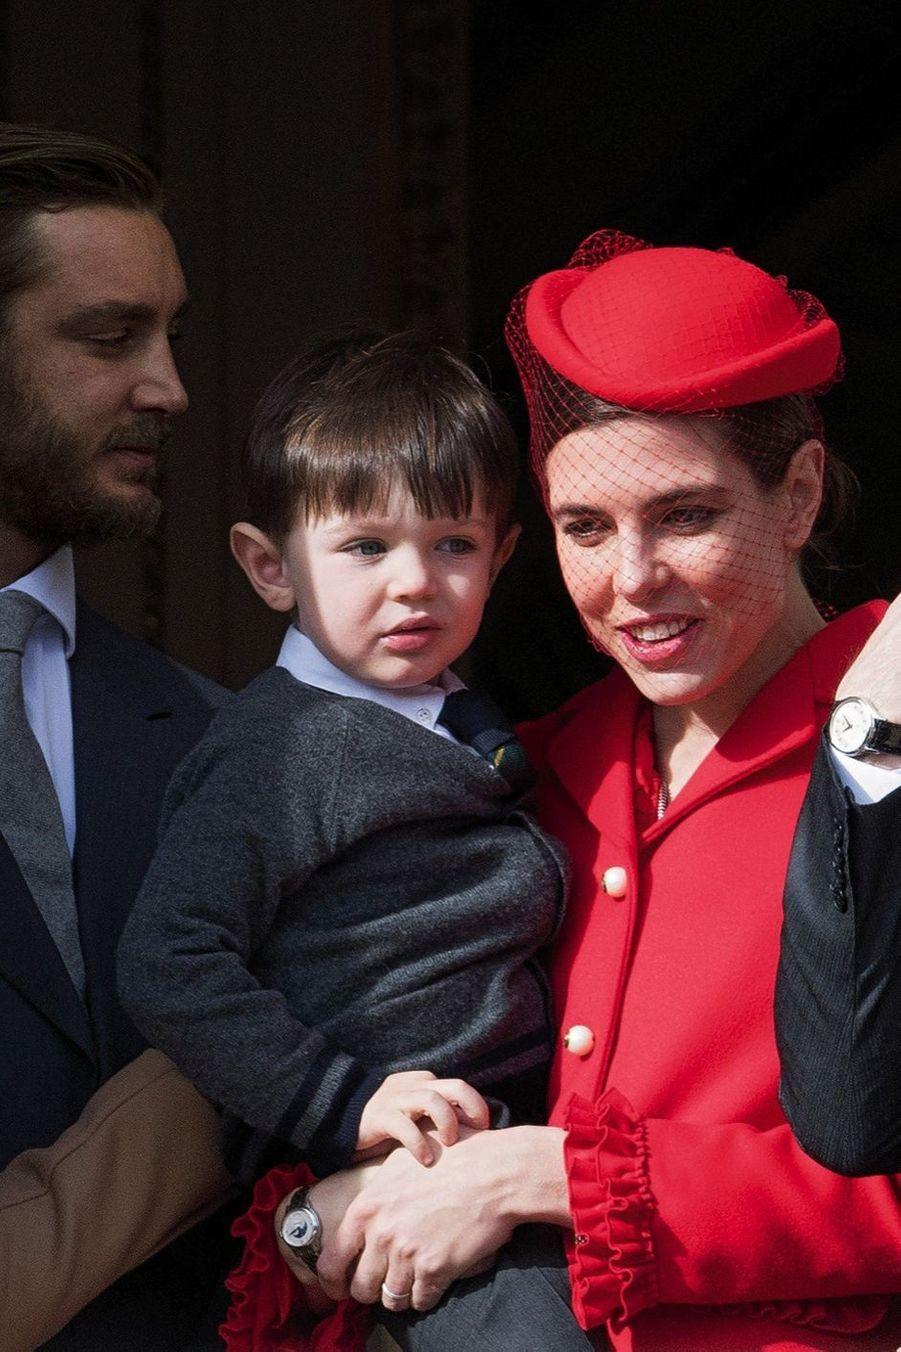 Première apparition publique pour Raphaël, bientôt 3 ans. Avec Charlotte, sa maman, et Pierre, son oncle.